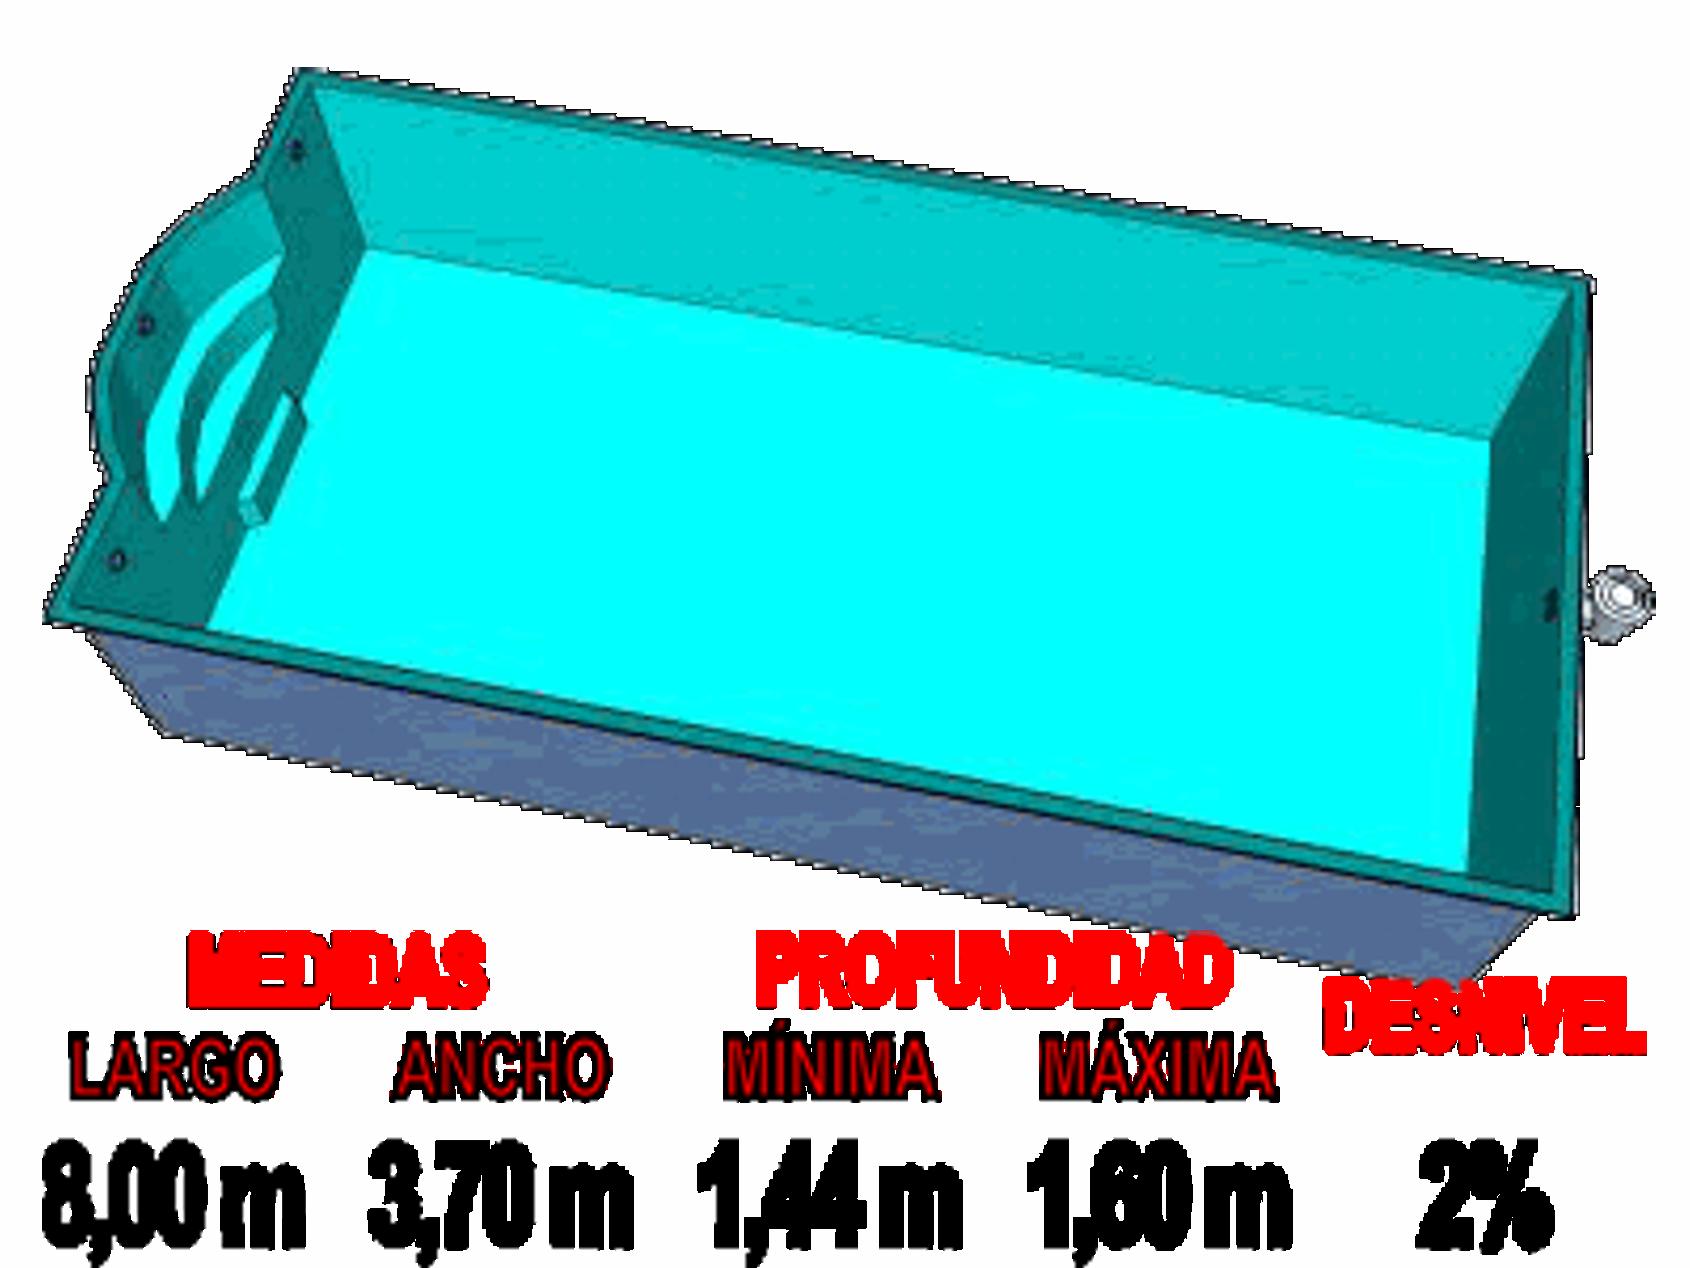 Piscinas plasticas grandes de piscinas de lona o intex en for Piscinas desmontables hechas a medida